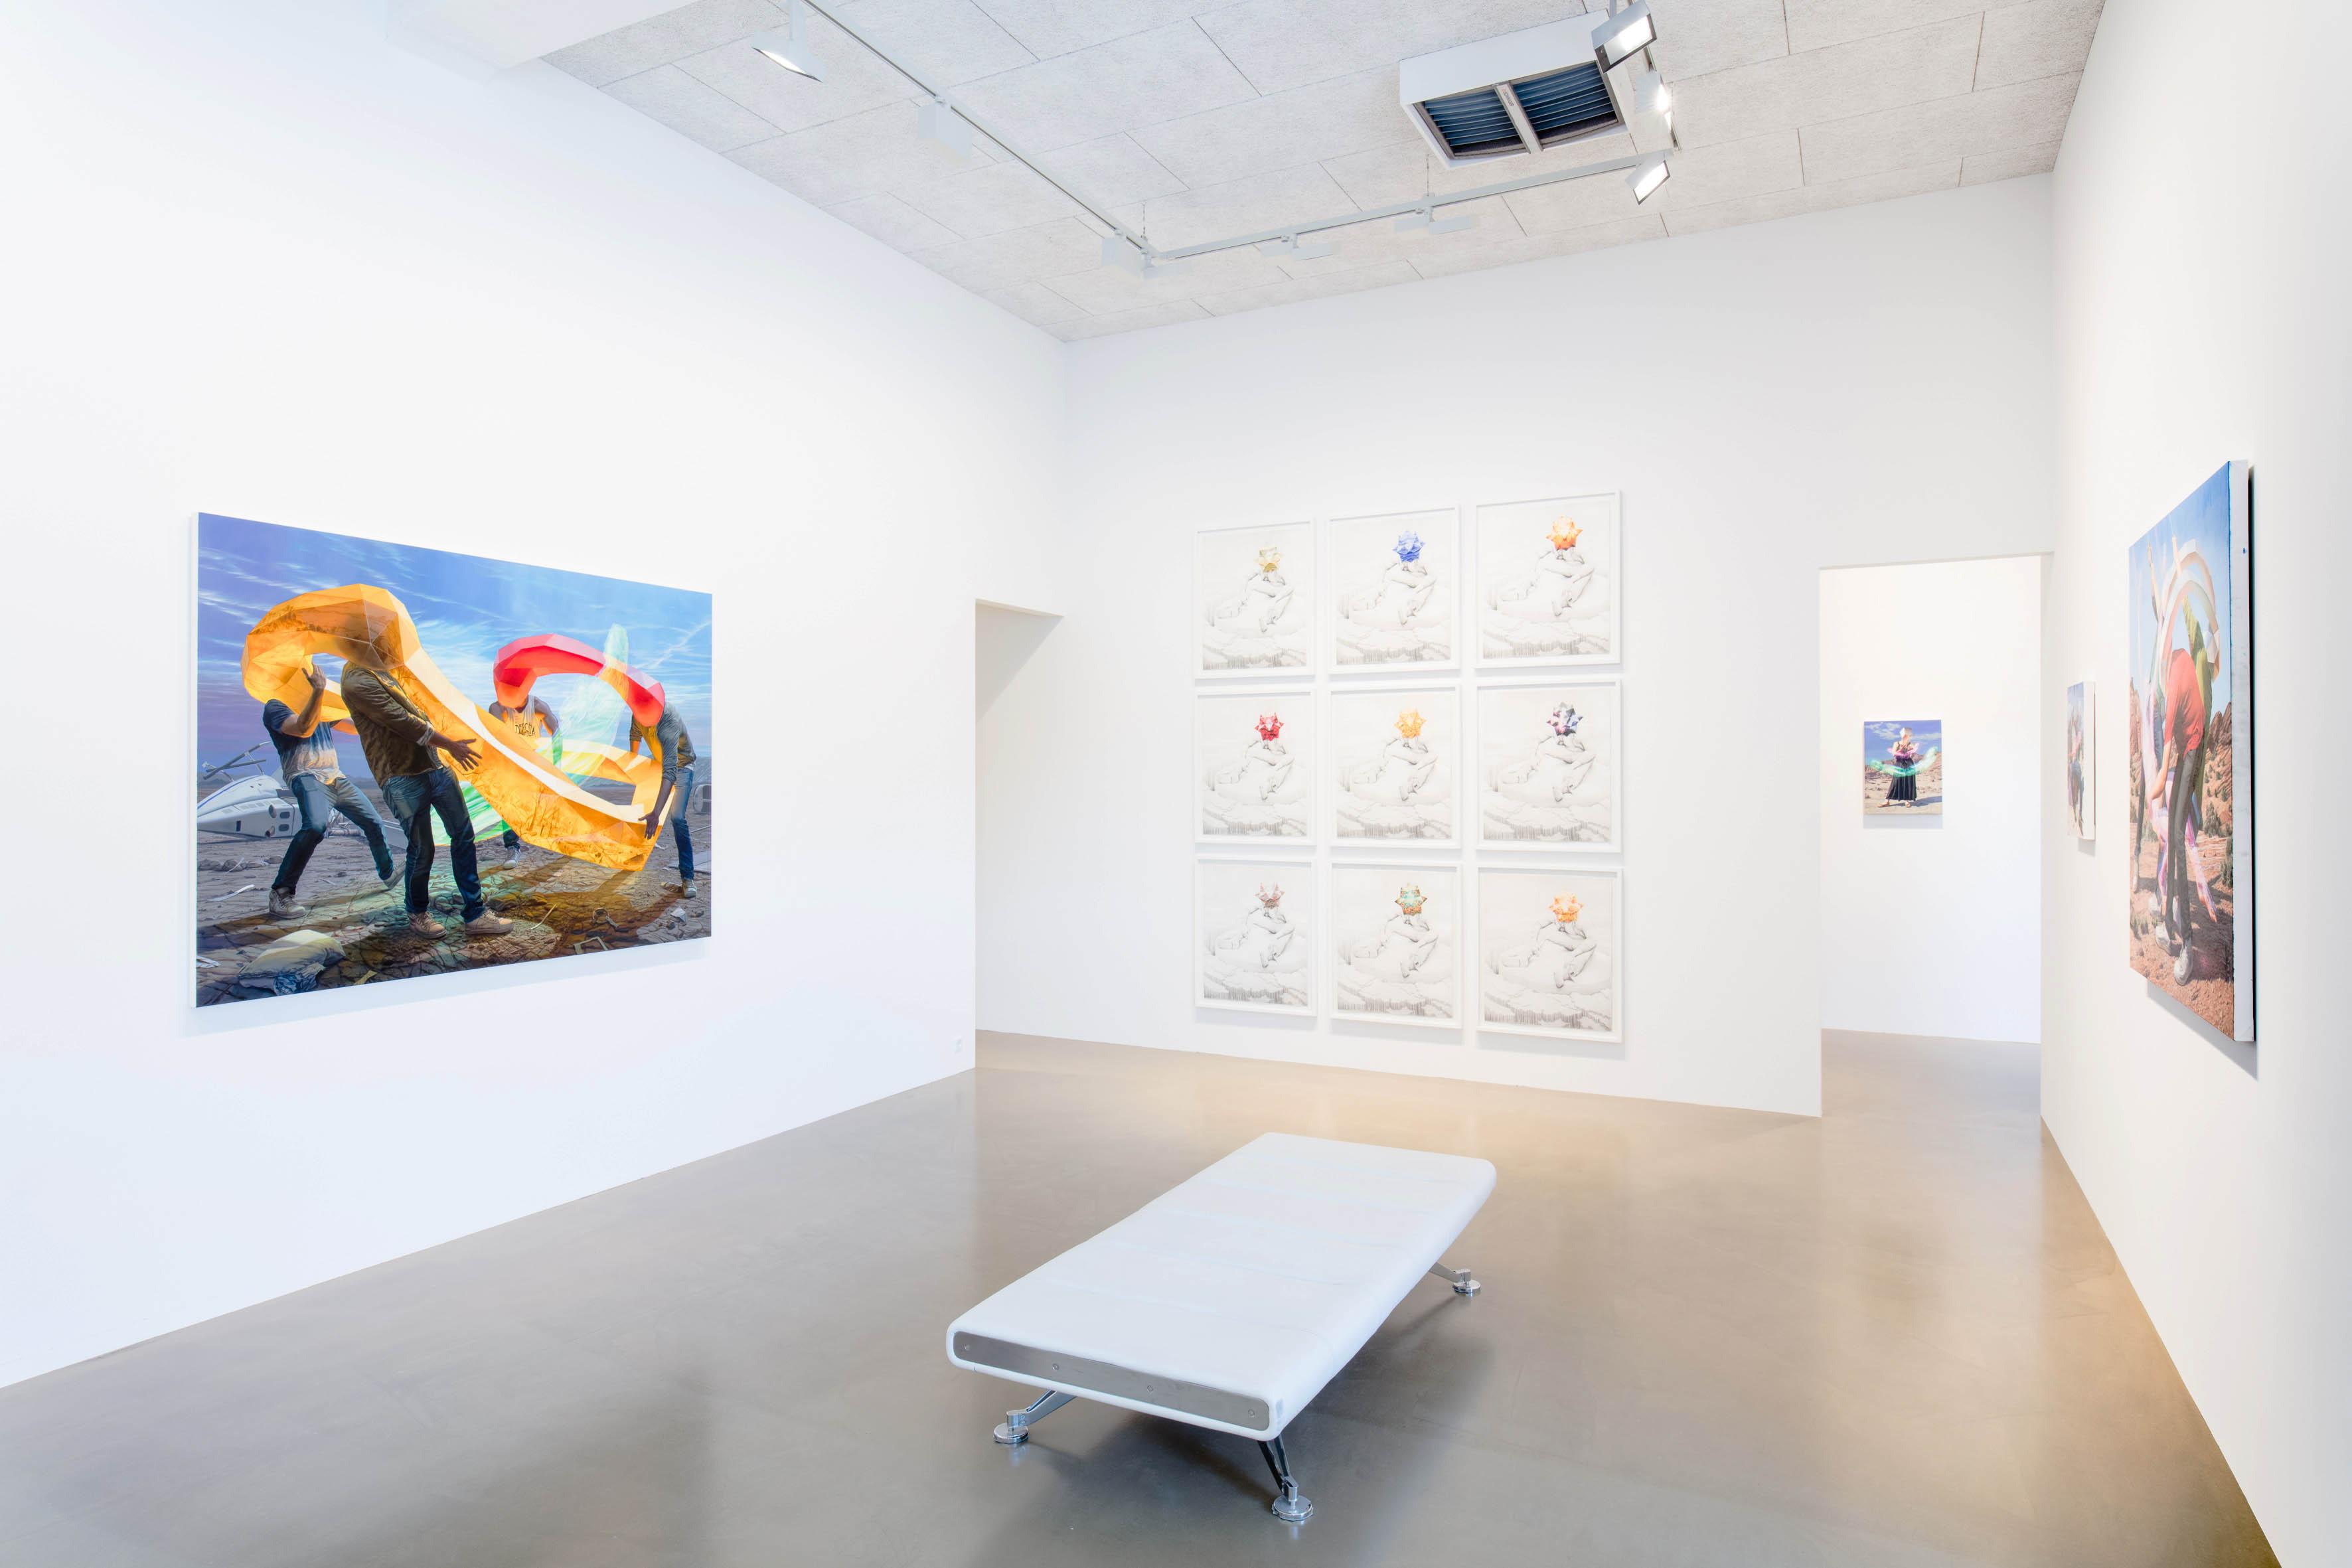 10 of Denmark's Top Art Galleries